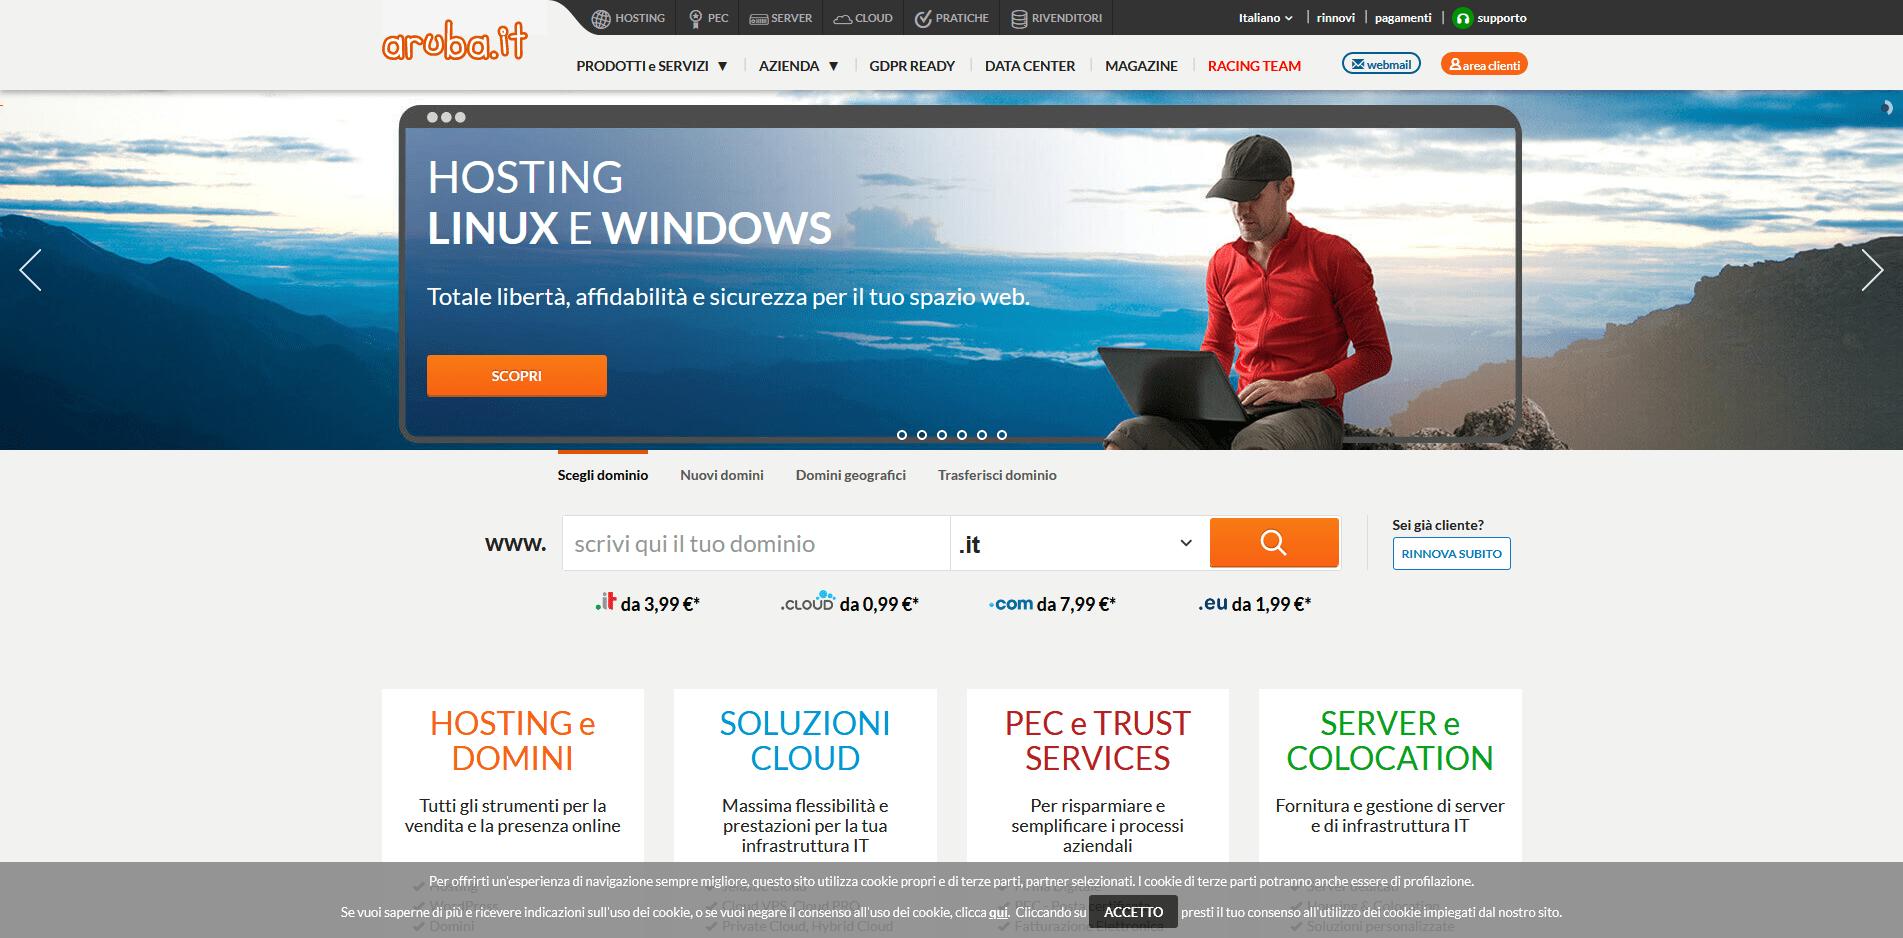 """Phishing: Aruba e quegli """"urgenti problemi di pagamento"""""""